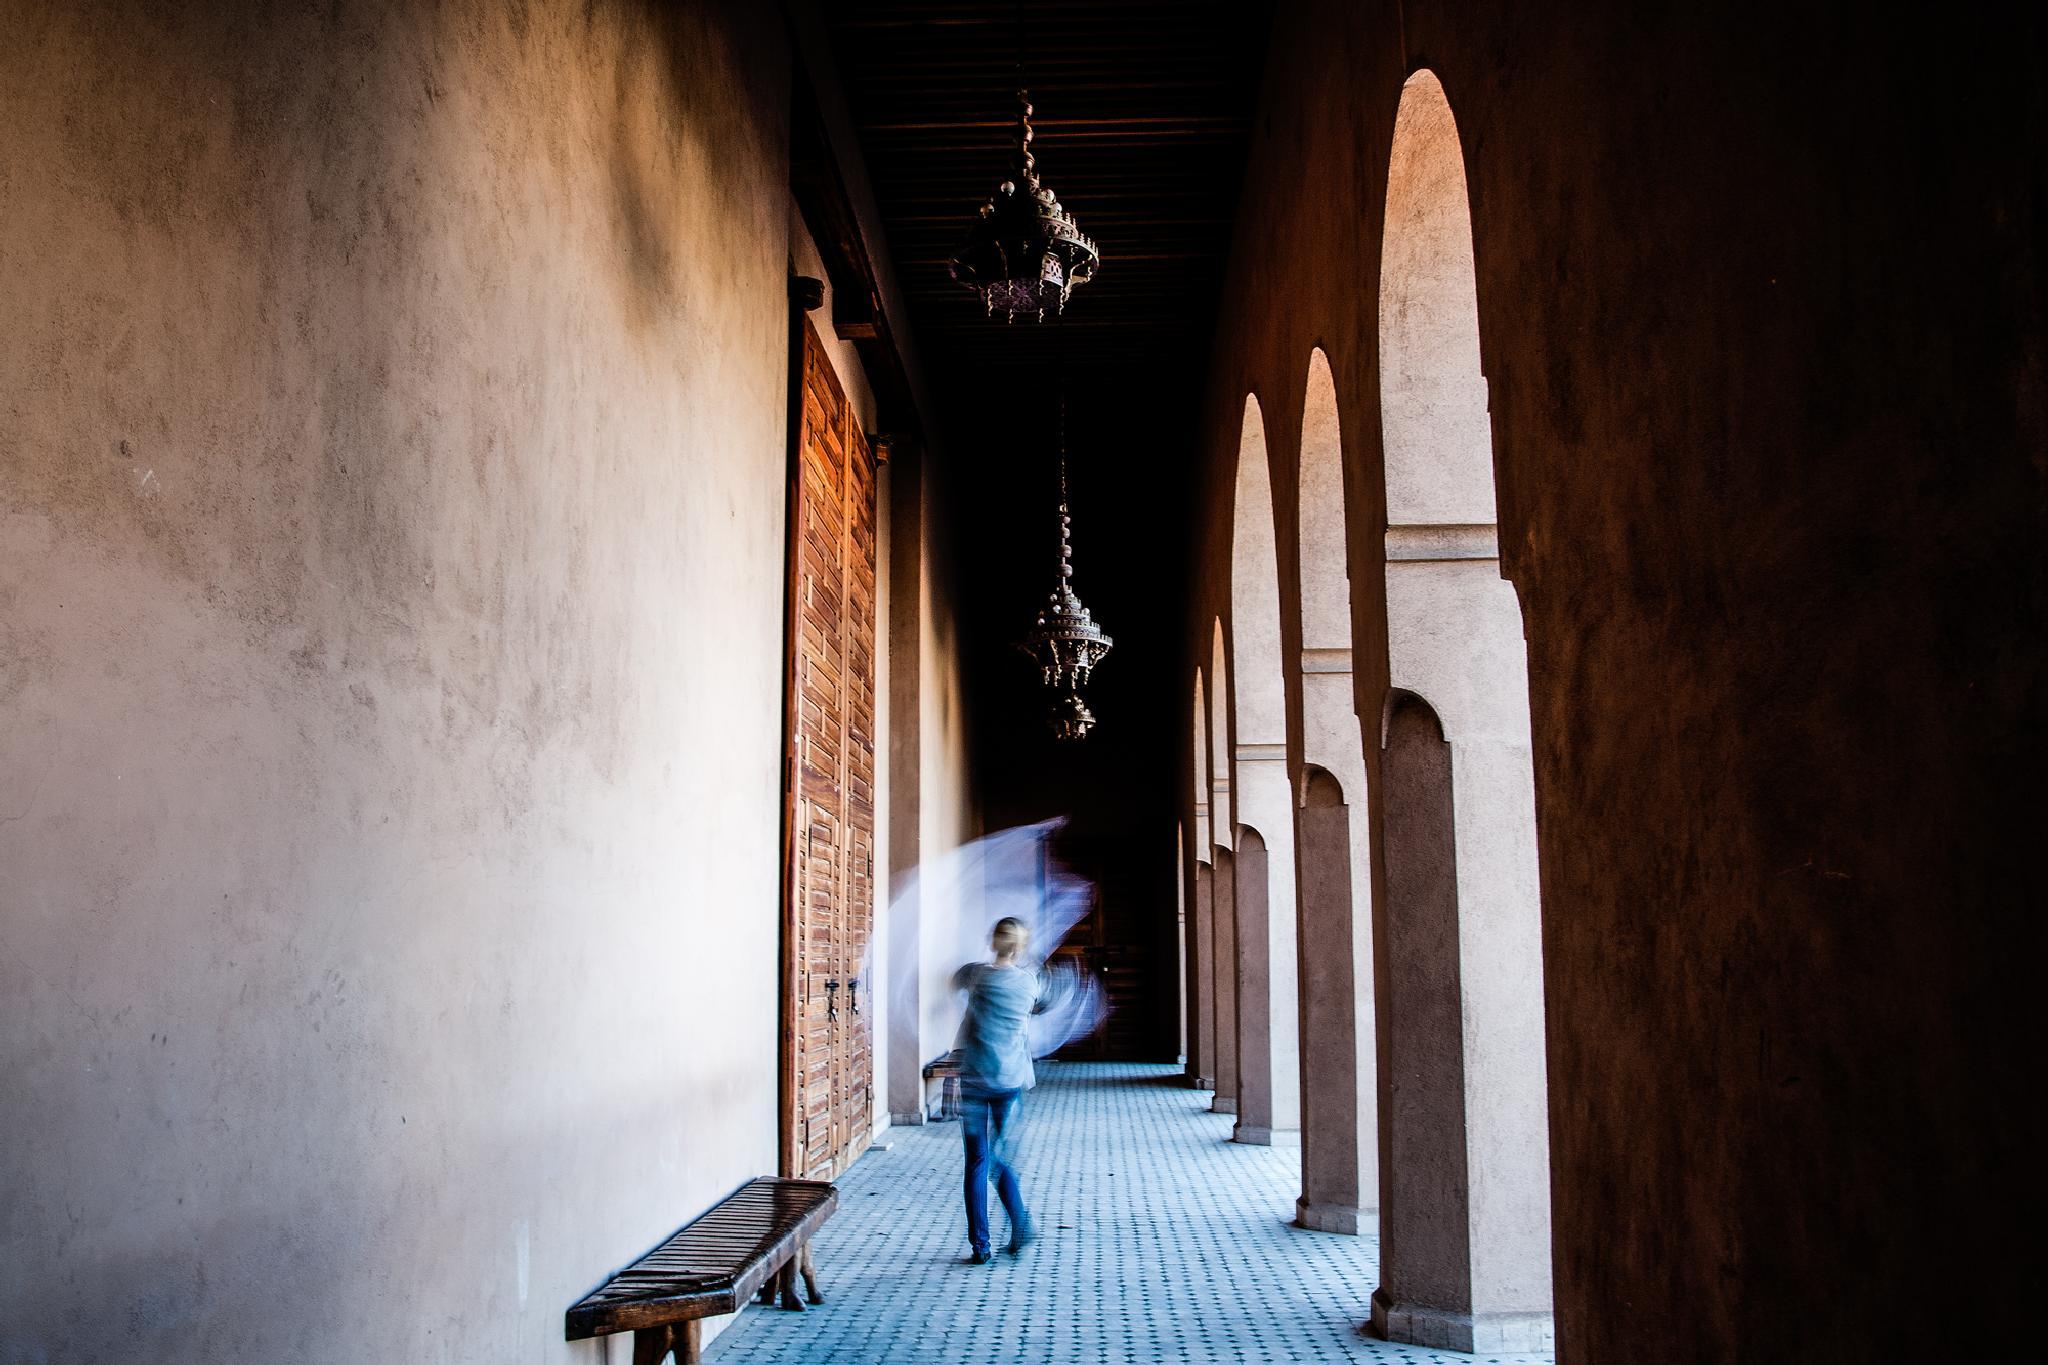 Marrakech by Piotr Arnoldes